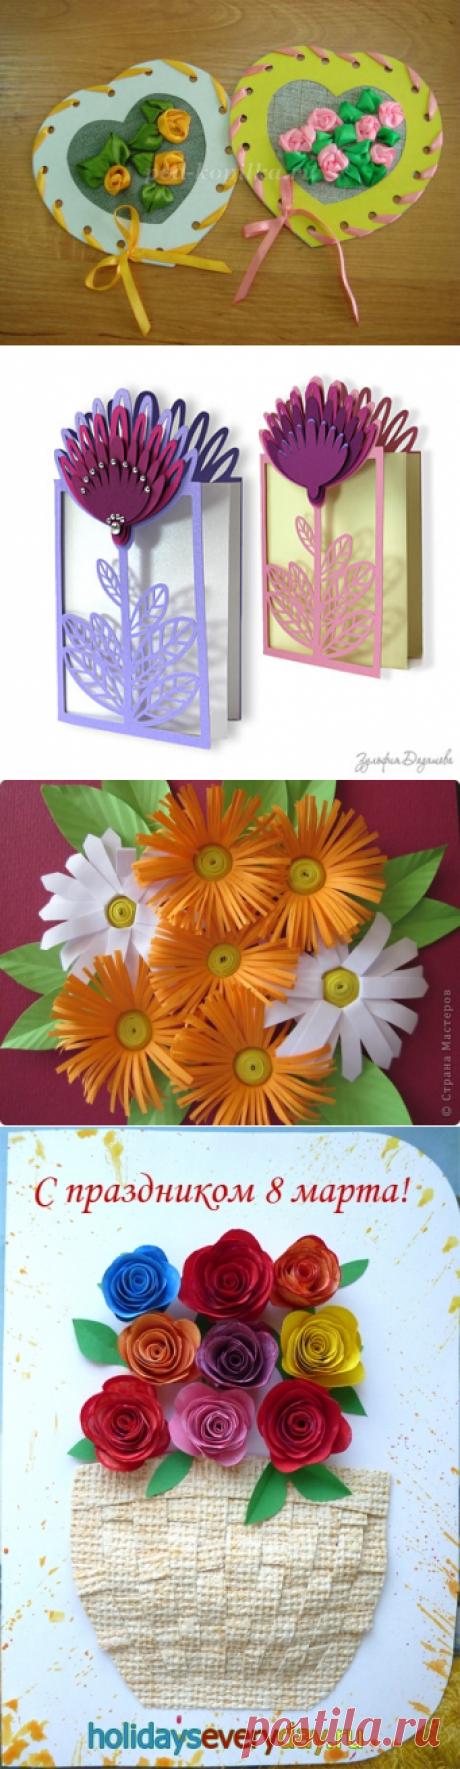 Идеи поздравительных открыток, сделанных своими руками к 8 марта - Открытки